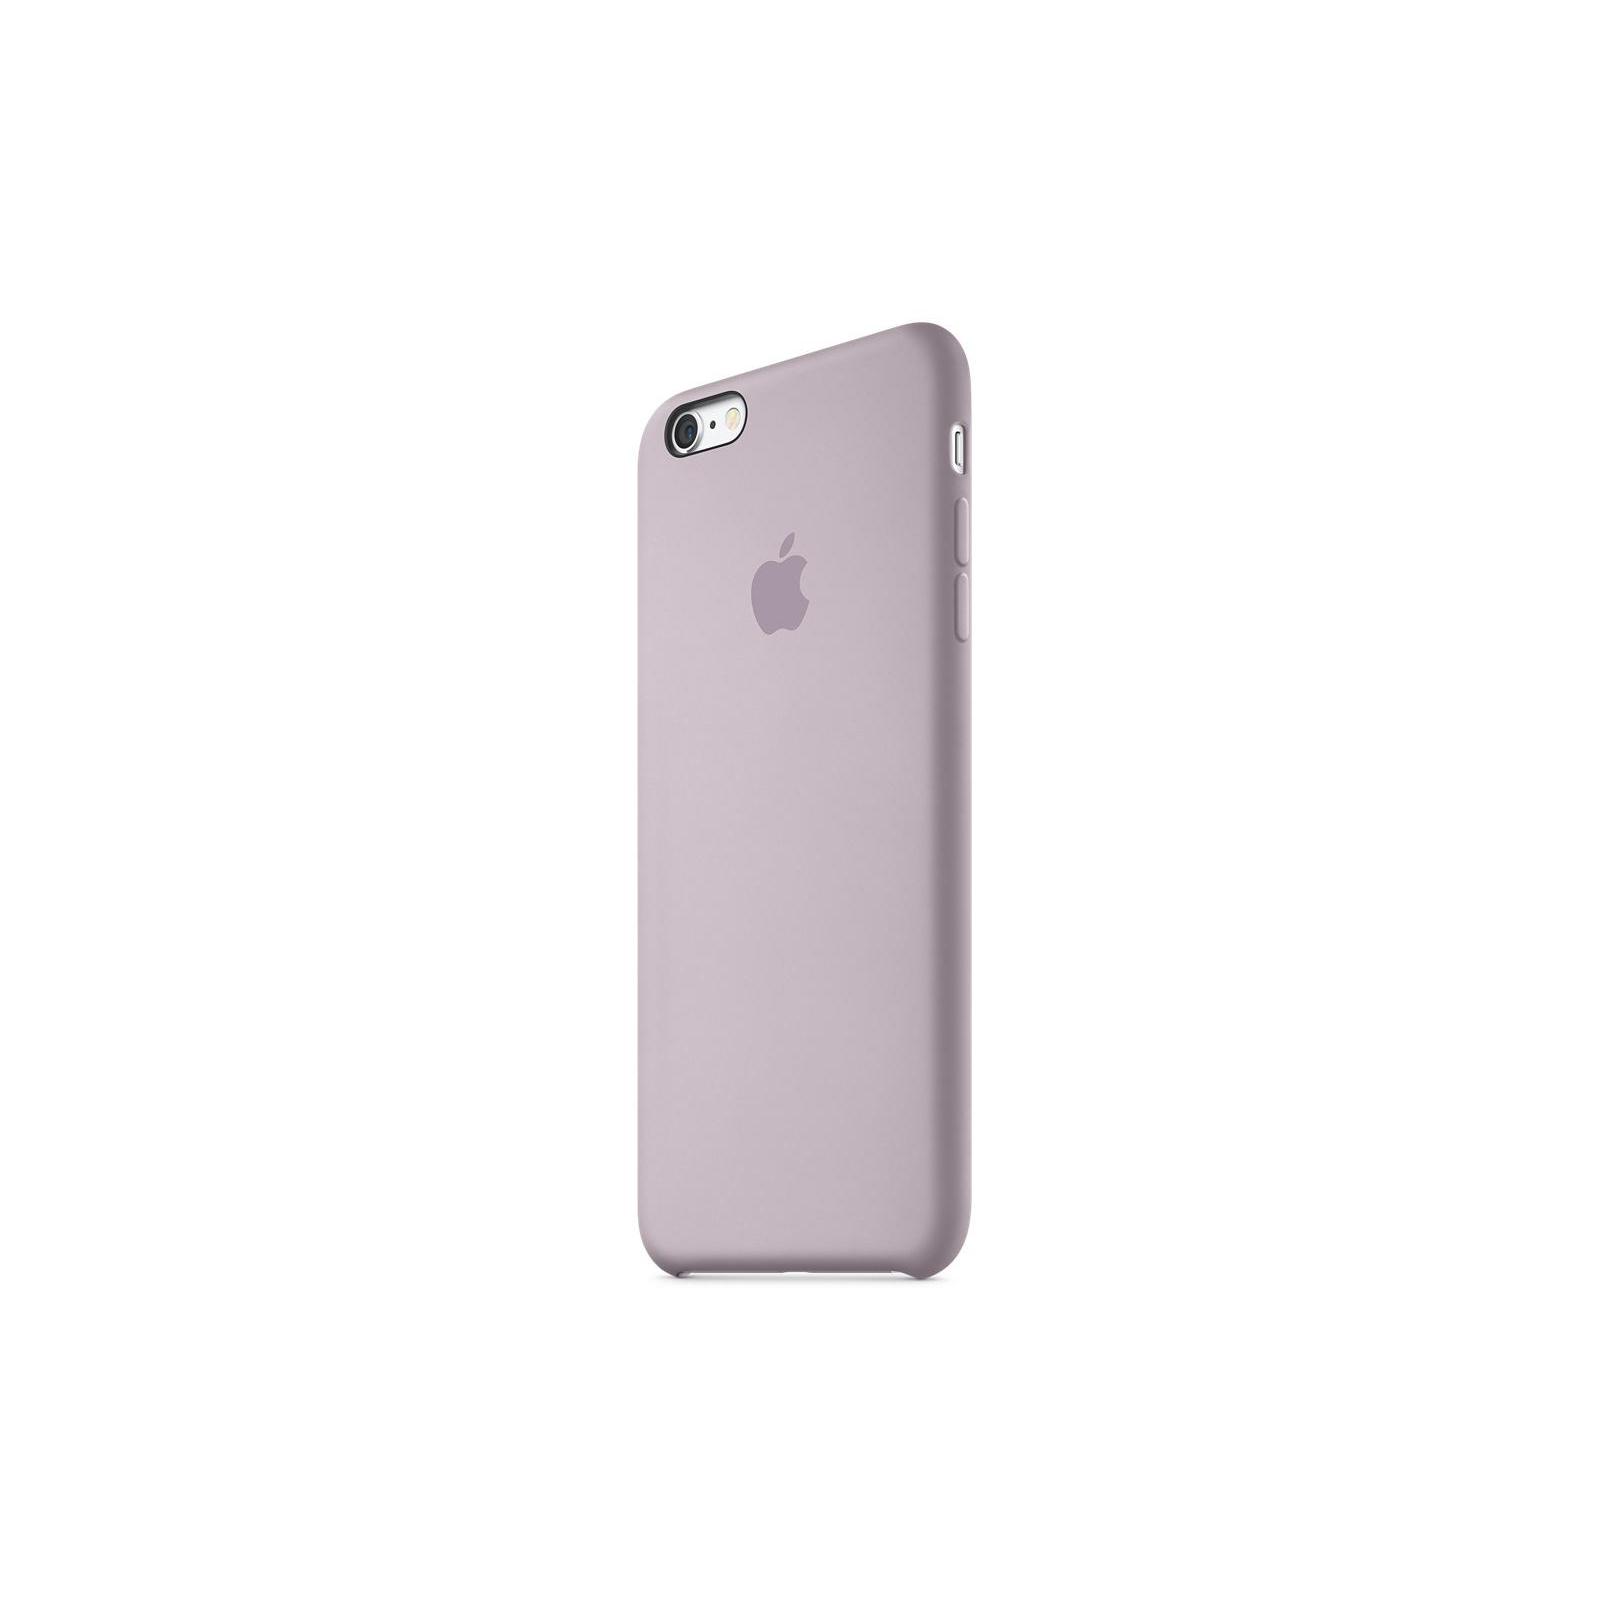 Чехол для моб. телефона Apple для iPhone 6 Plus/6s Plus Lavender (MLD02ZM/A) изображение 2